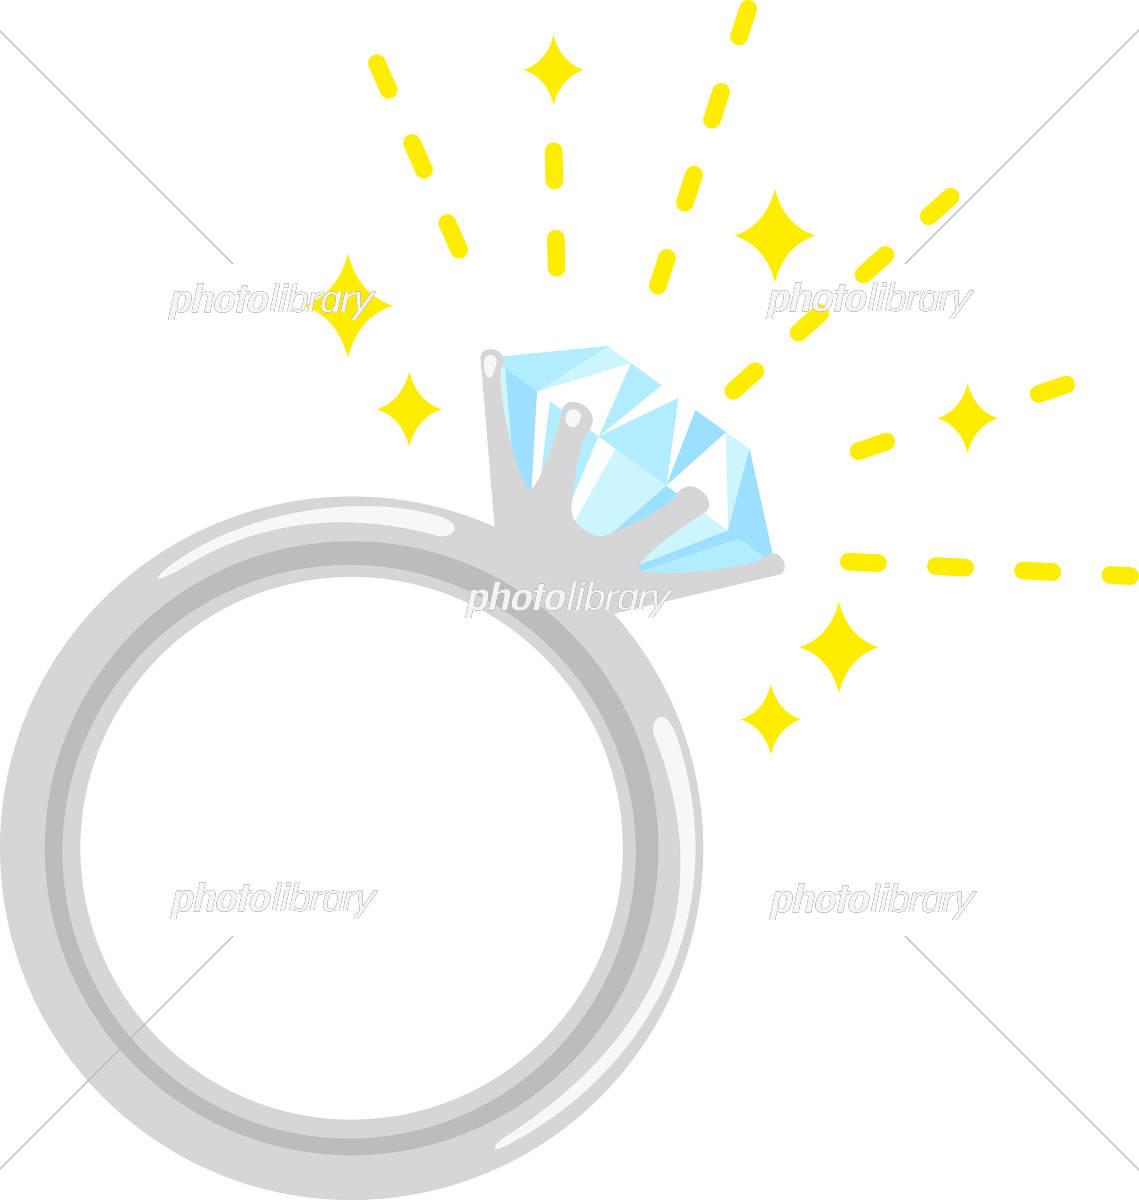 ダイヤモンドの指輪 イラスト素材 5566408 フォトライブラリー